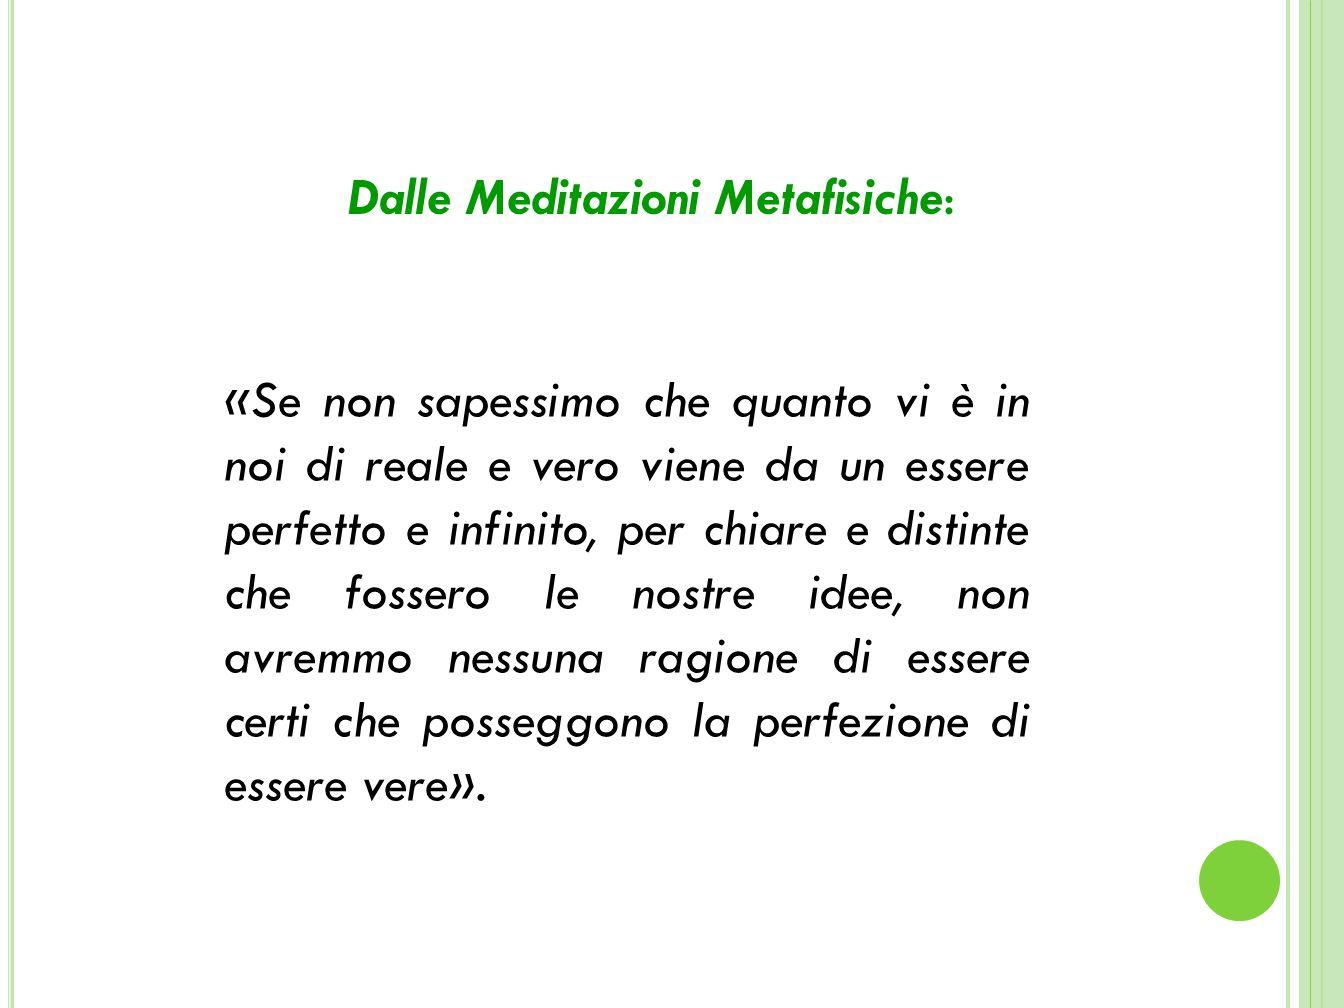 Dalle Meditazioni Metafisiche: